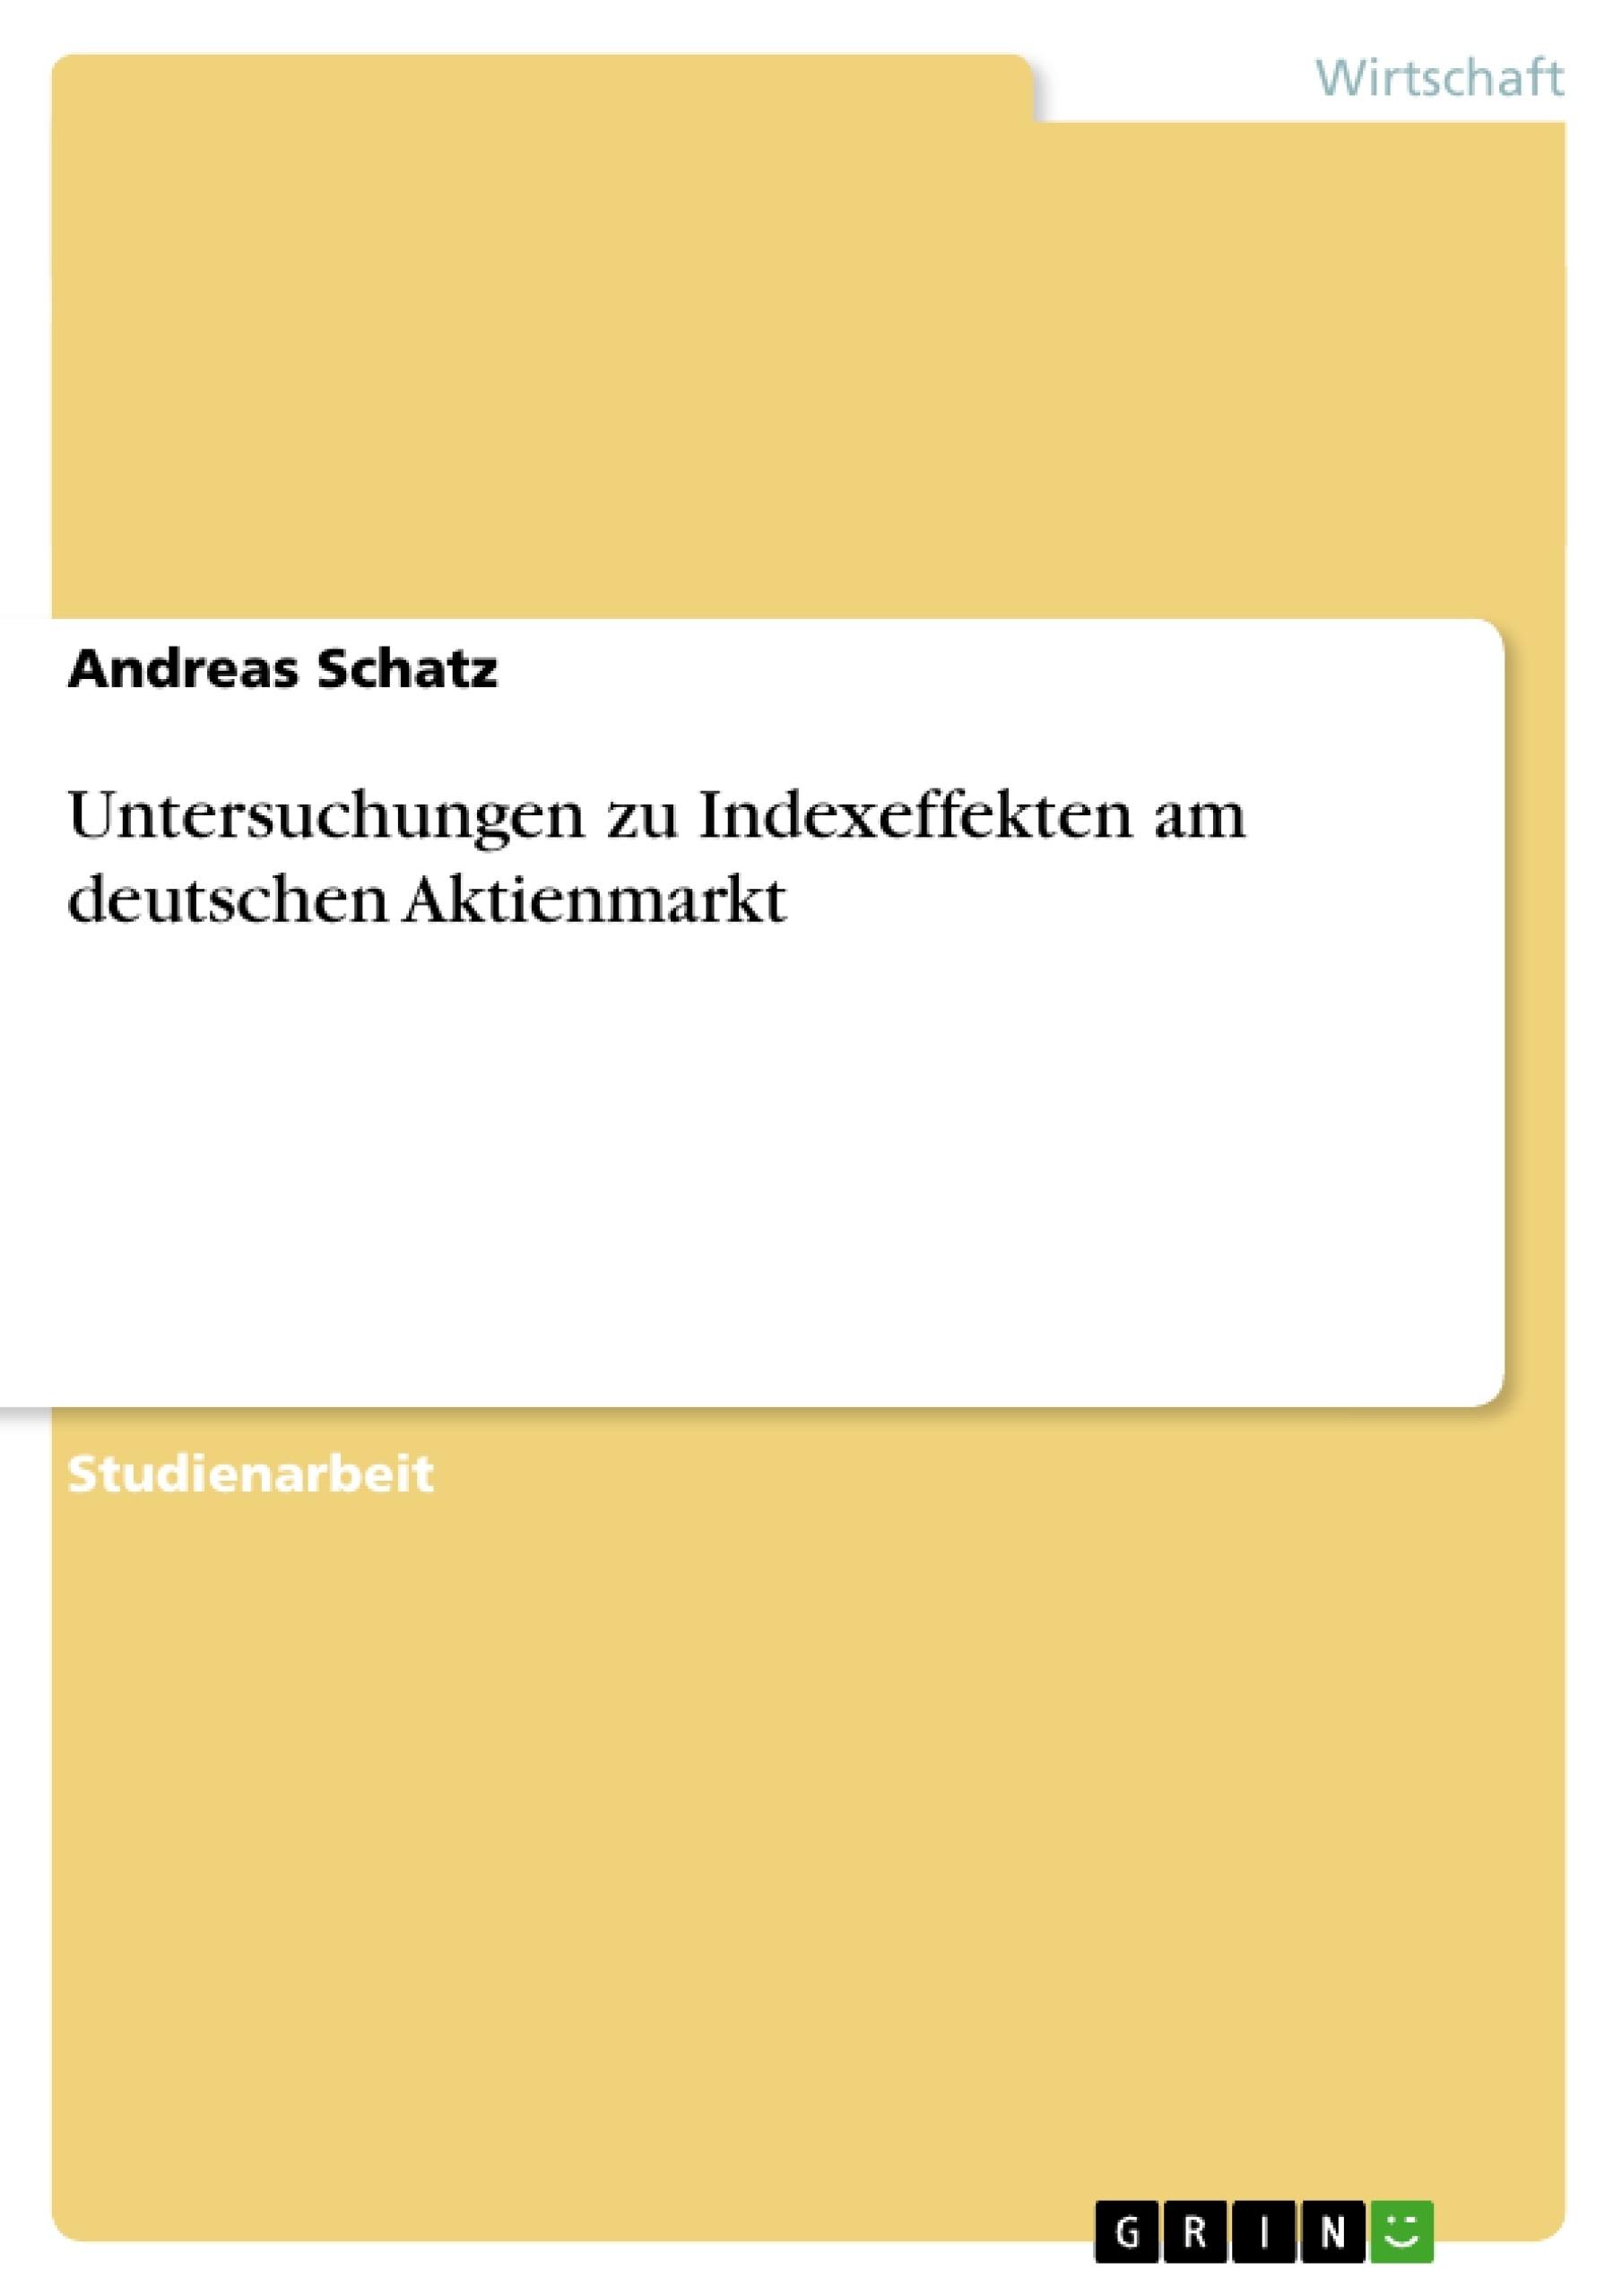 Titel: Untersuchungen zu Indexeffekten am deutschen Aktienmarkt